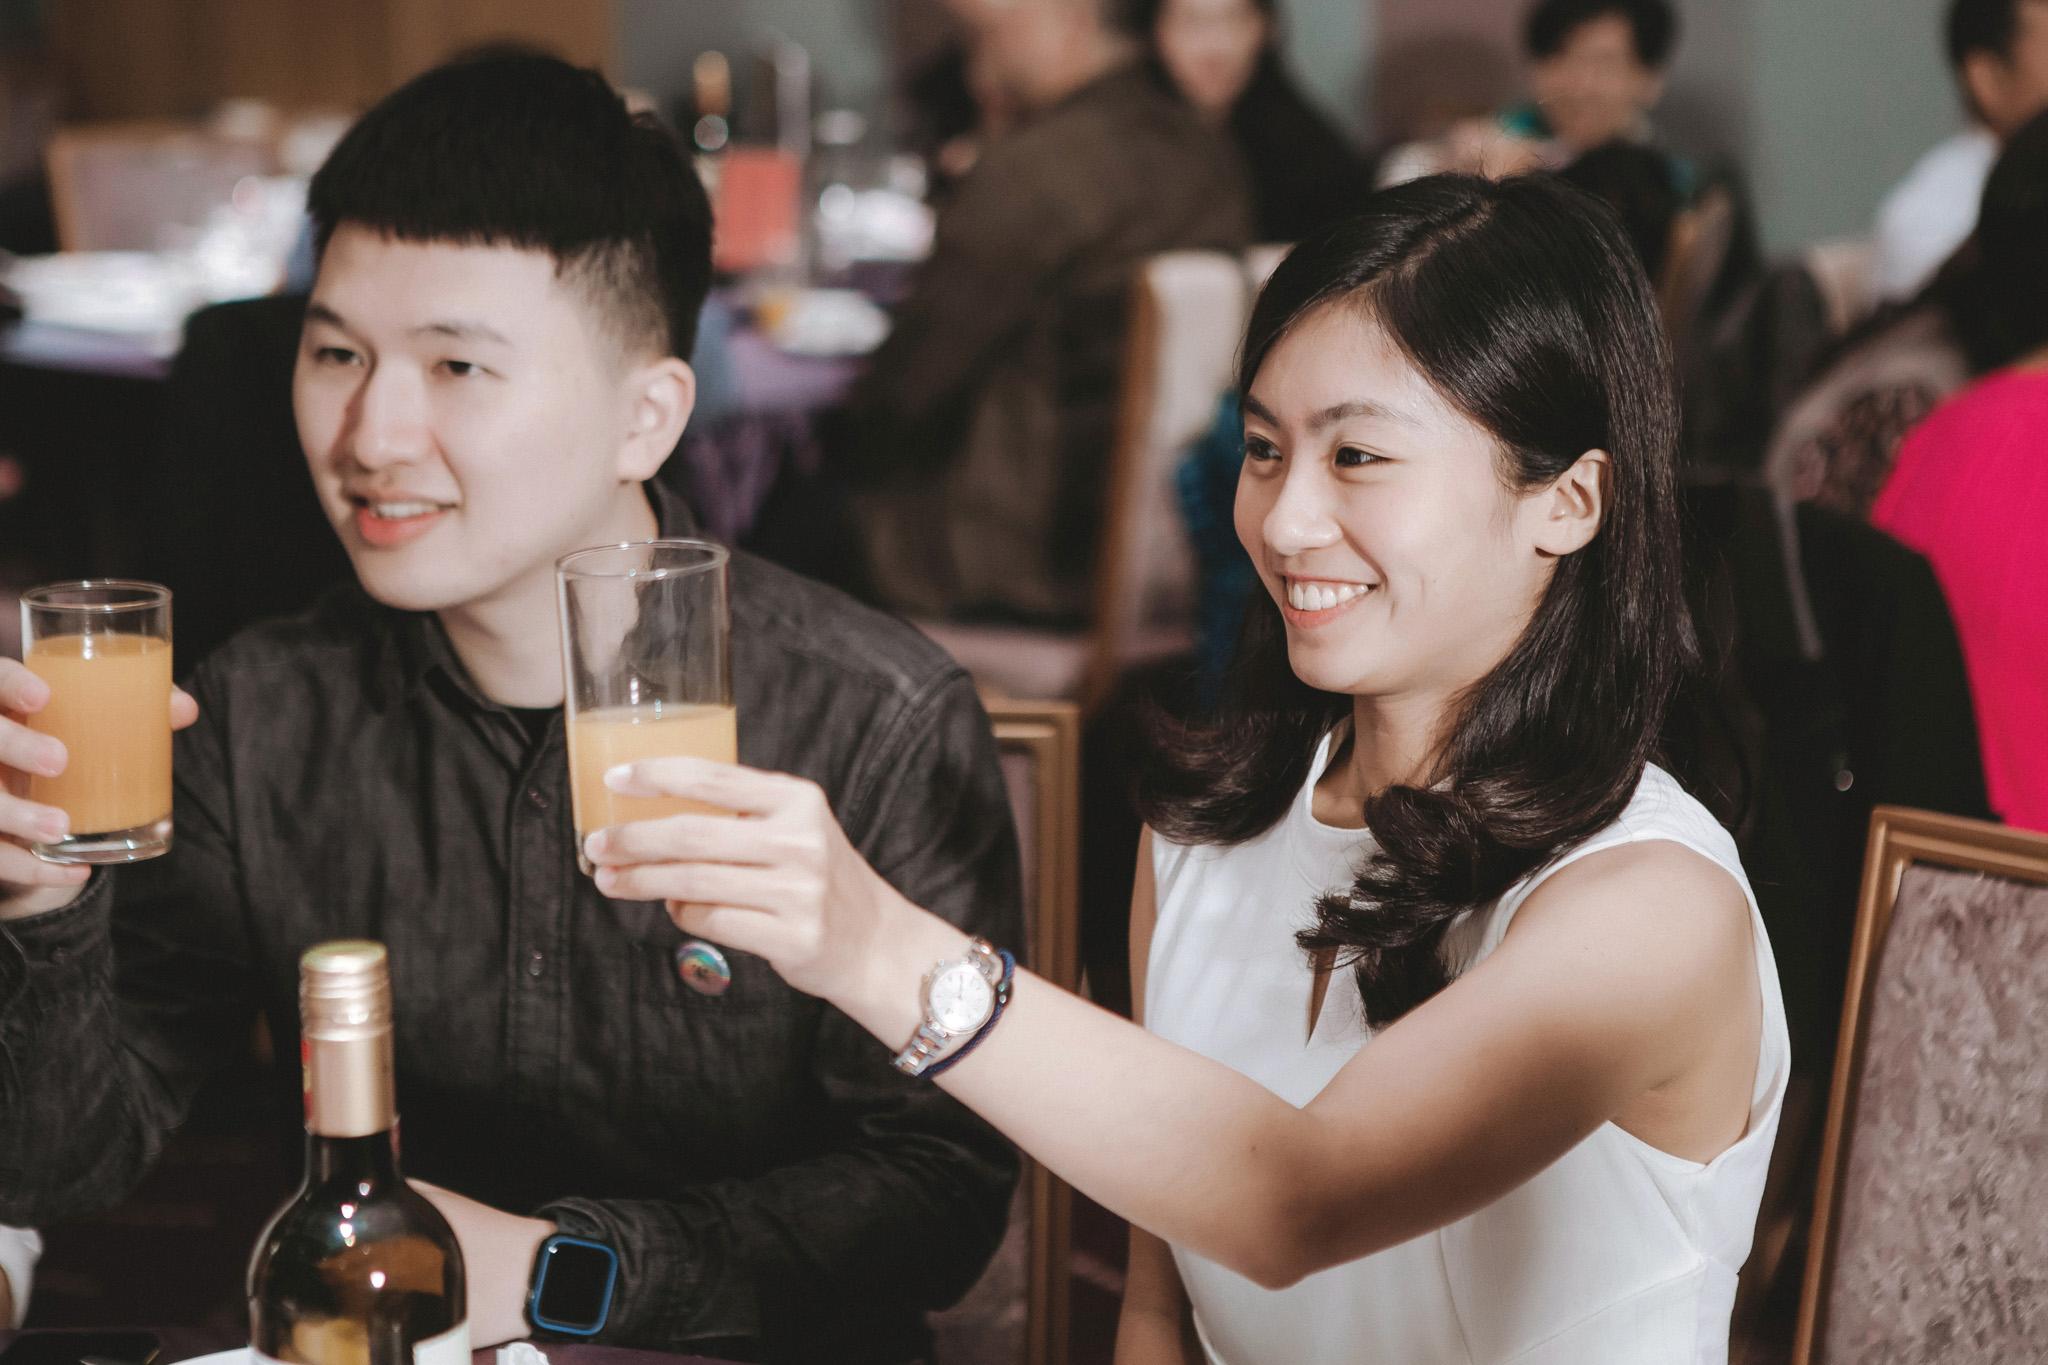 EW 居米 台北婚宴 台北婚紗 台北婚攝 國泰萬怡 台北婚禮 -61